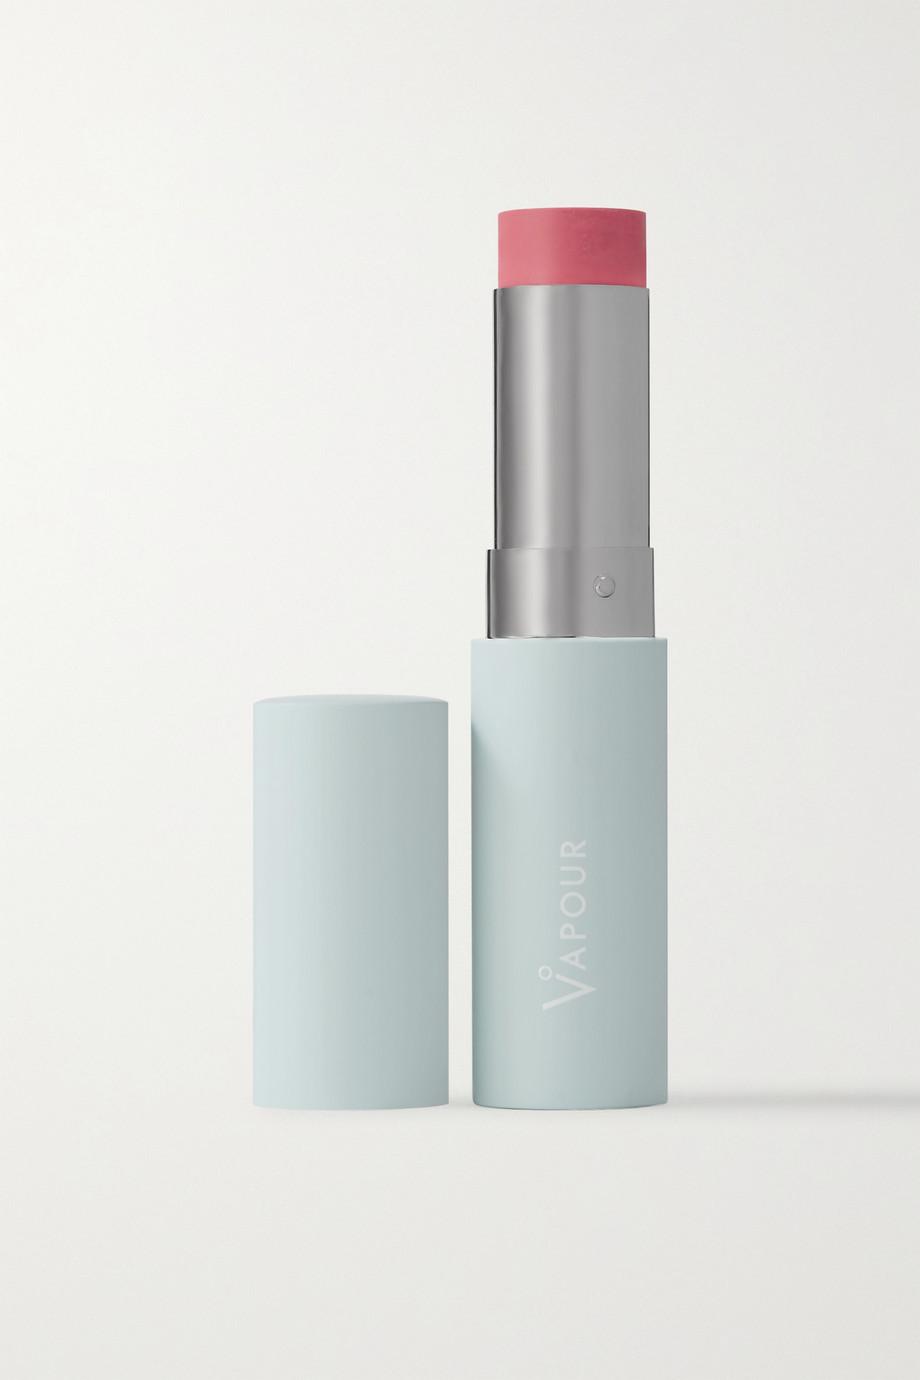 Vapour Beauty Aura Multi Stick - Courtesan